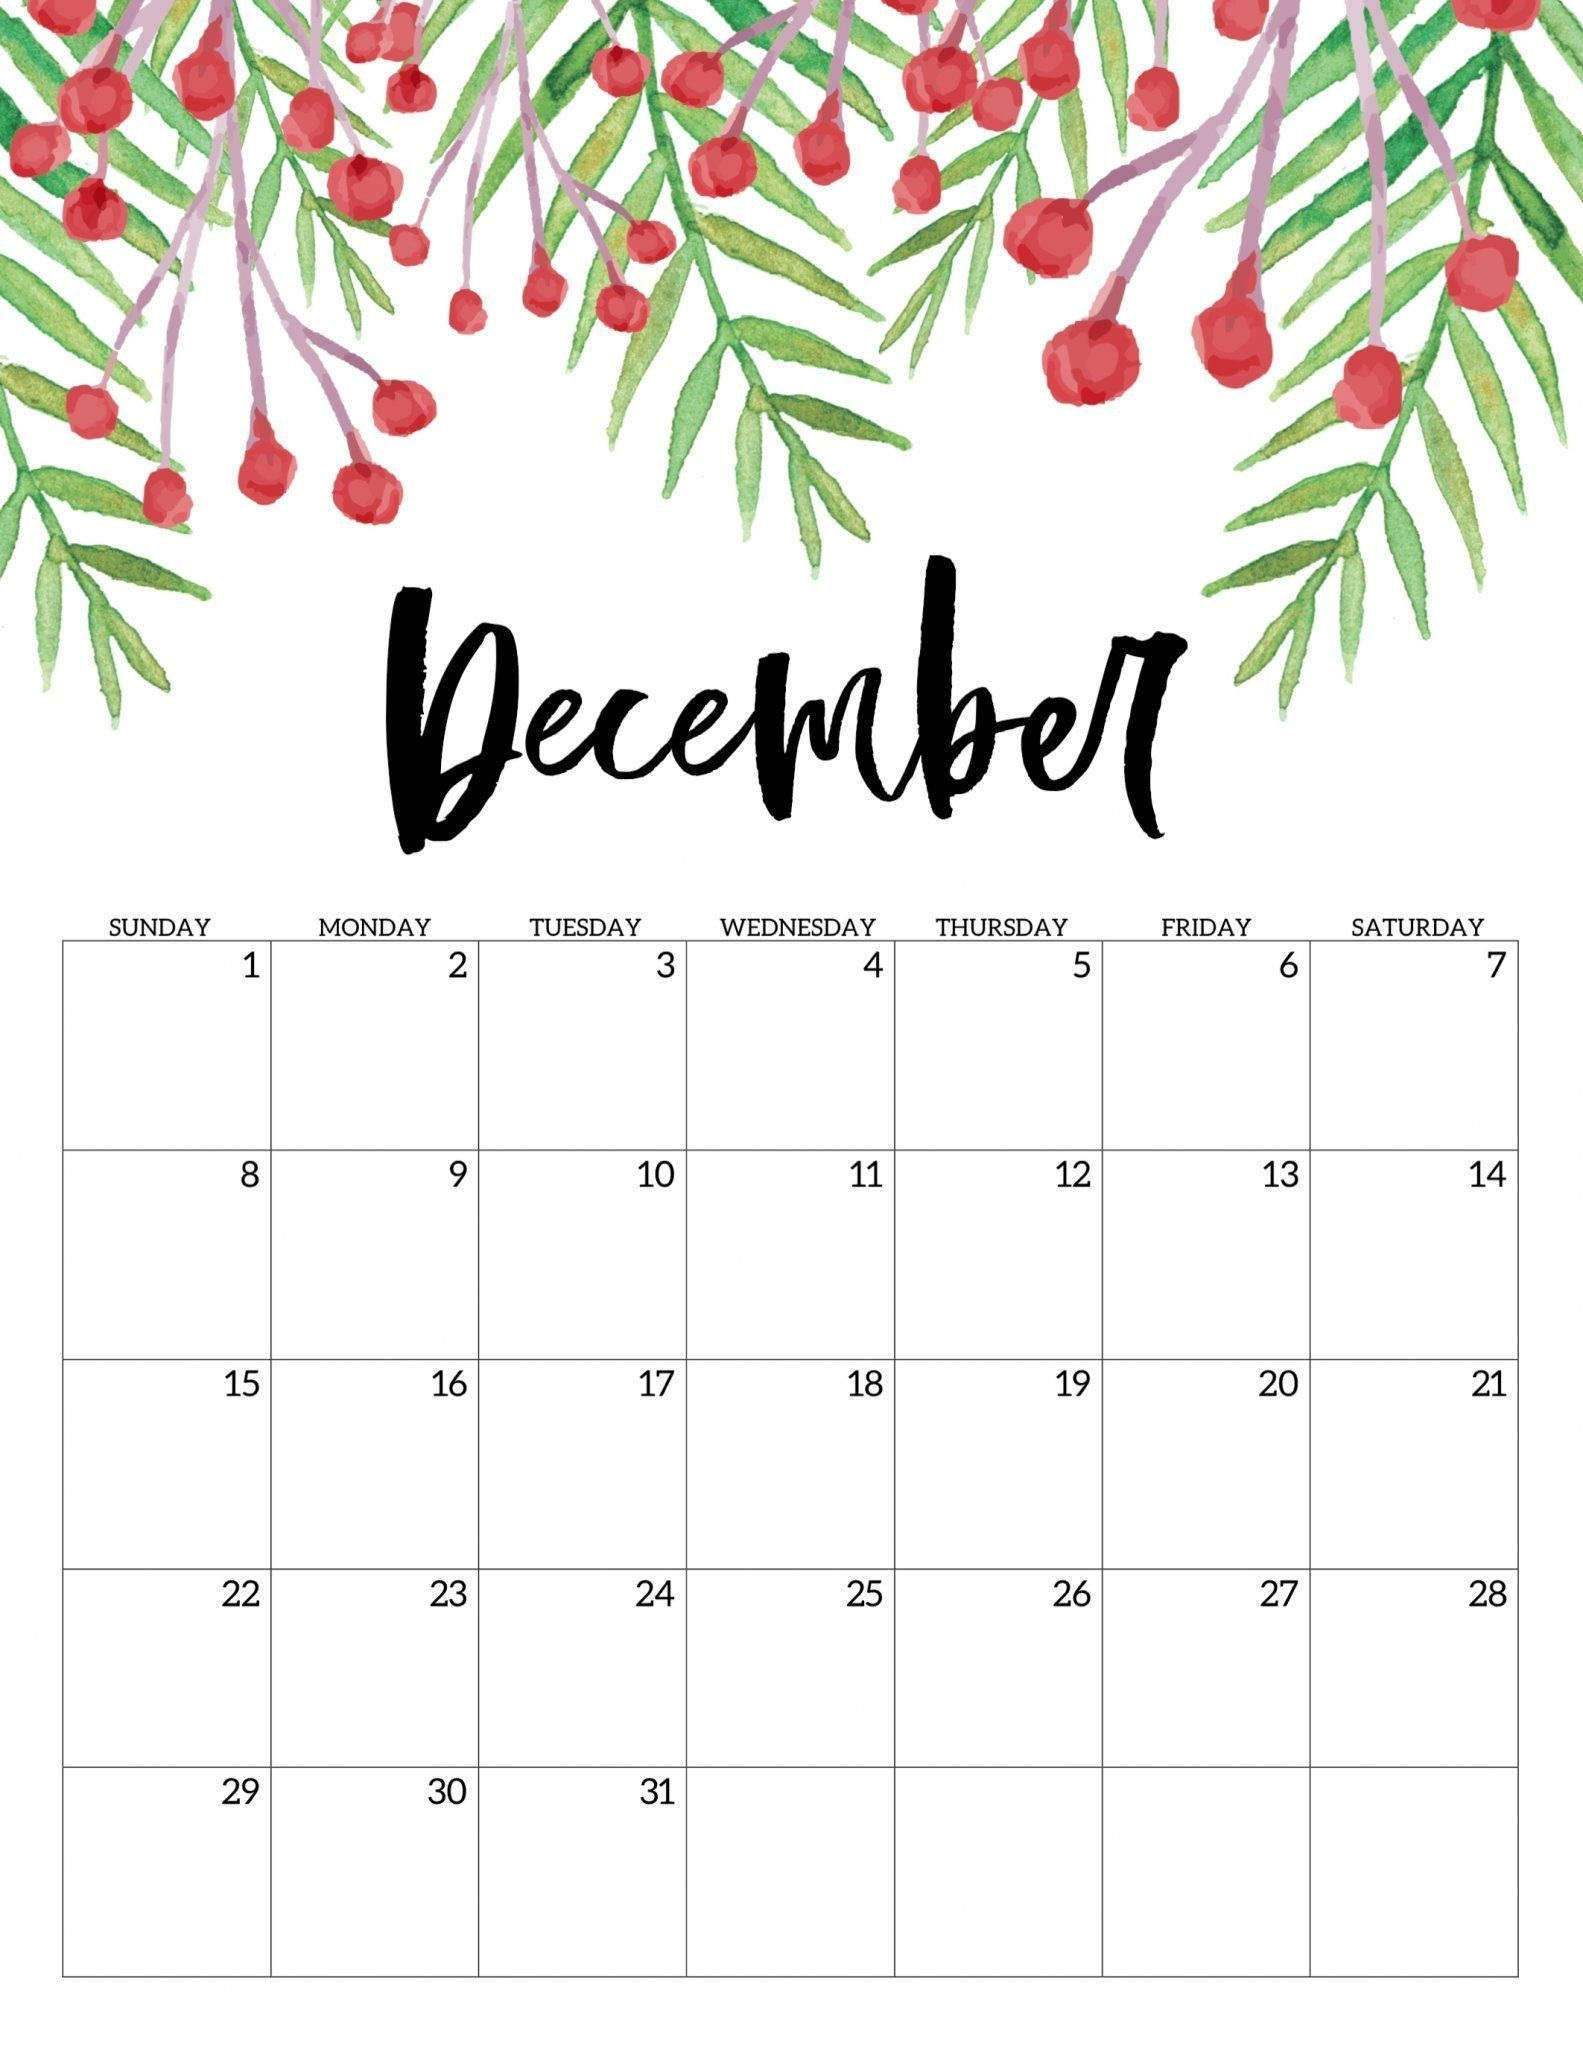 December 2019 Calendar A4 Size Landscape Vertical Portrait